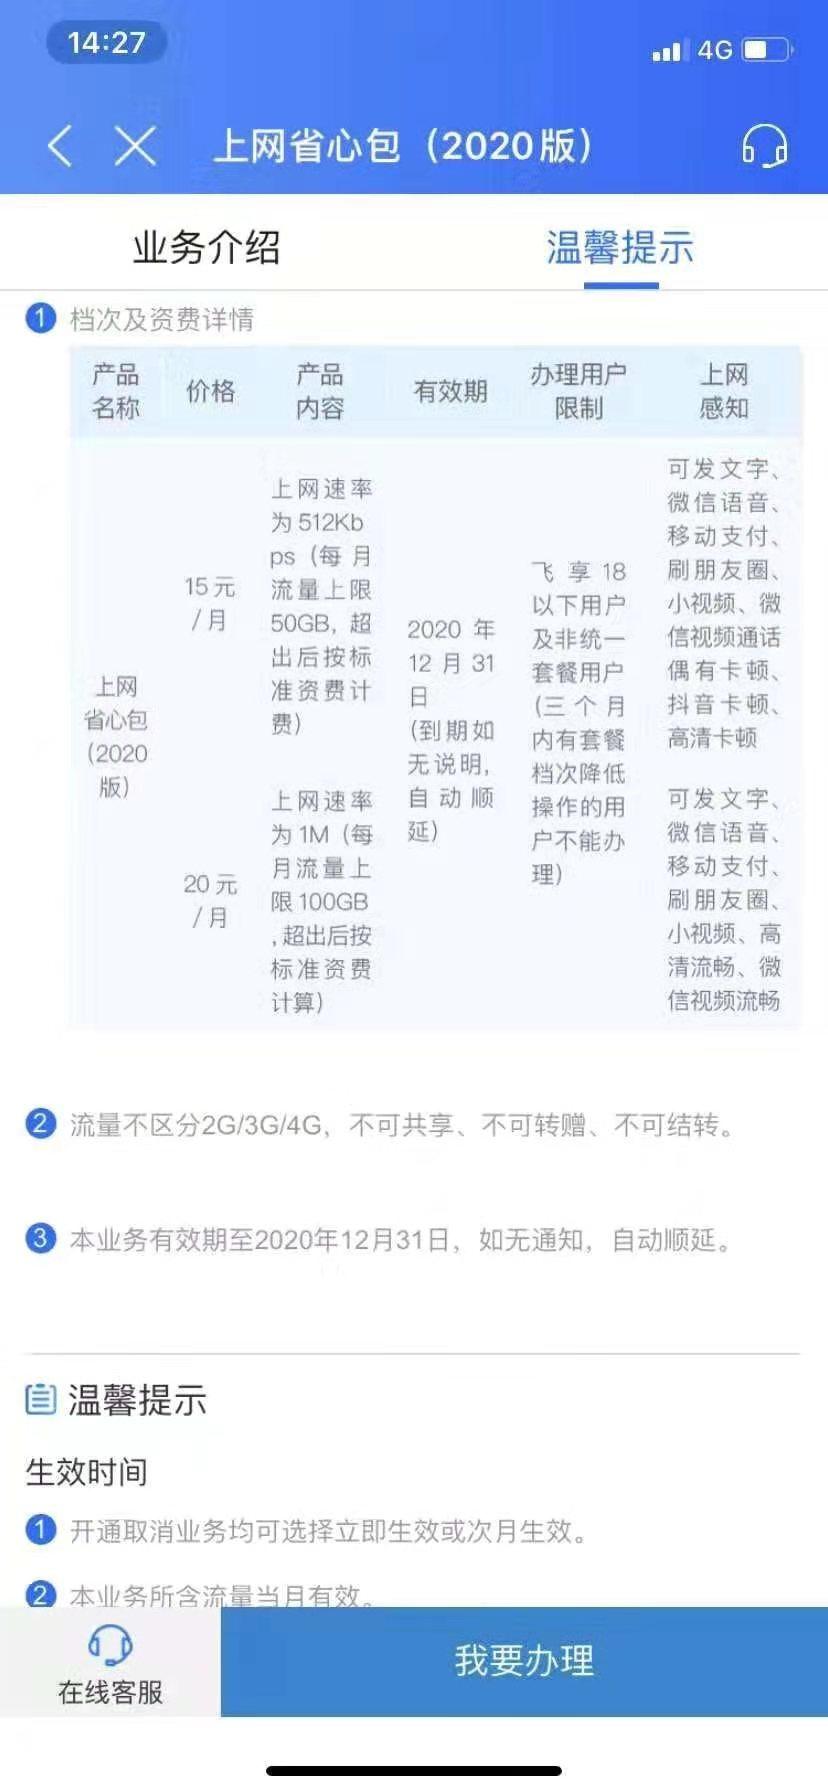 重庆移动掌厅15元起流量省心包100g流量内 1m速率,直接按速率收费